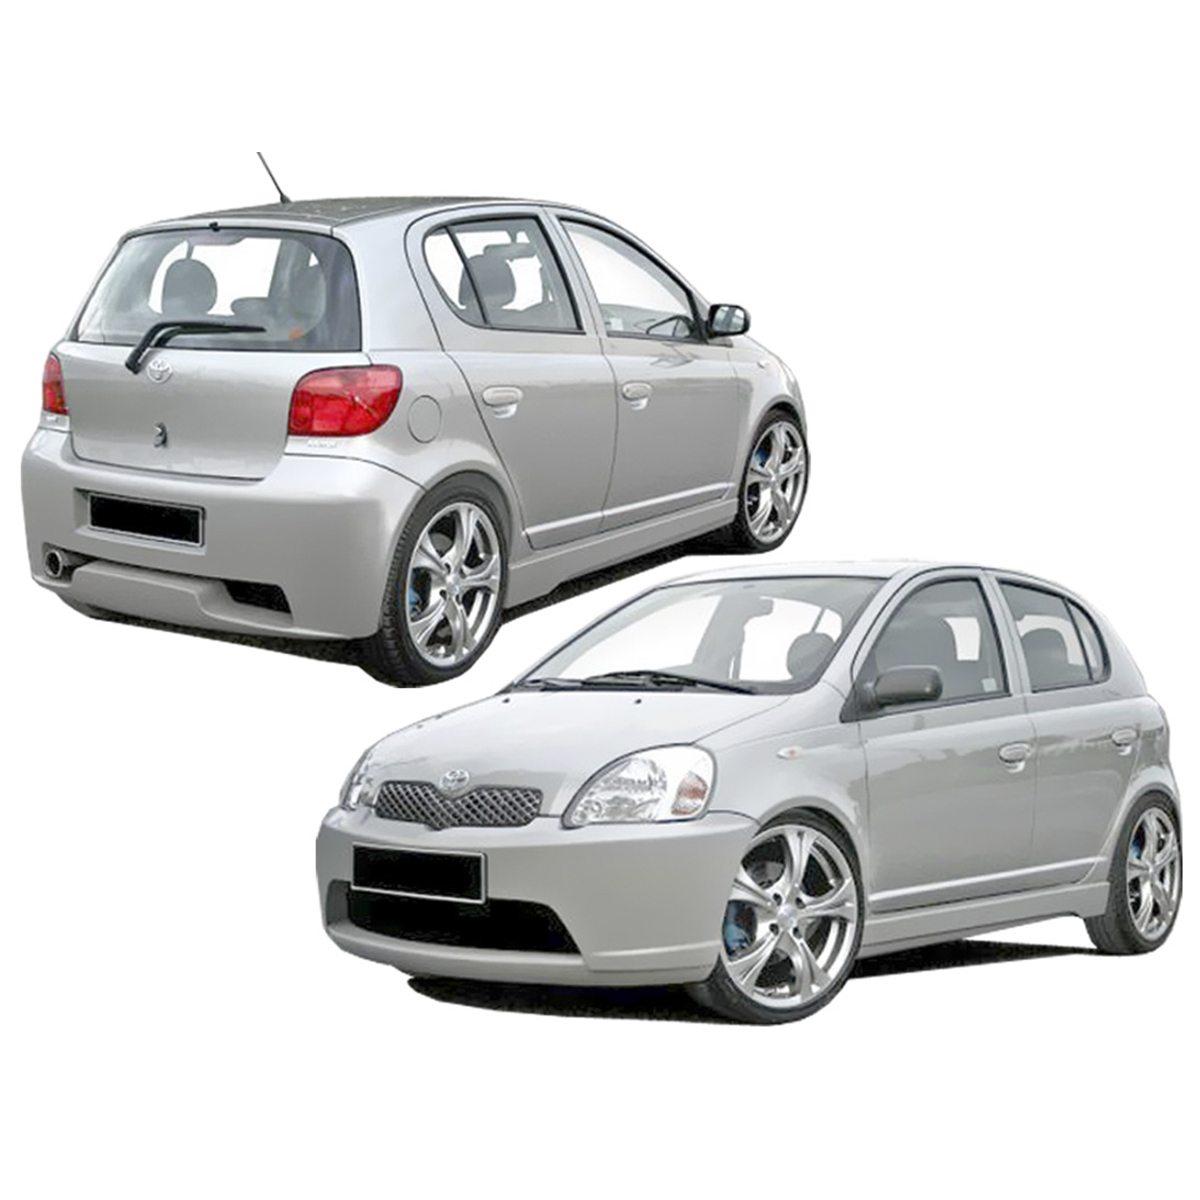 Toyota-Yaris-2003-Imagine-KIT-KTS115